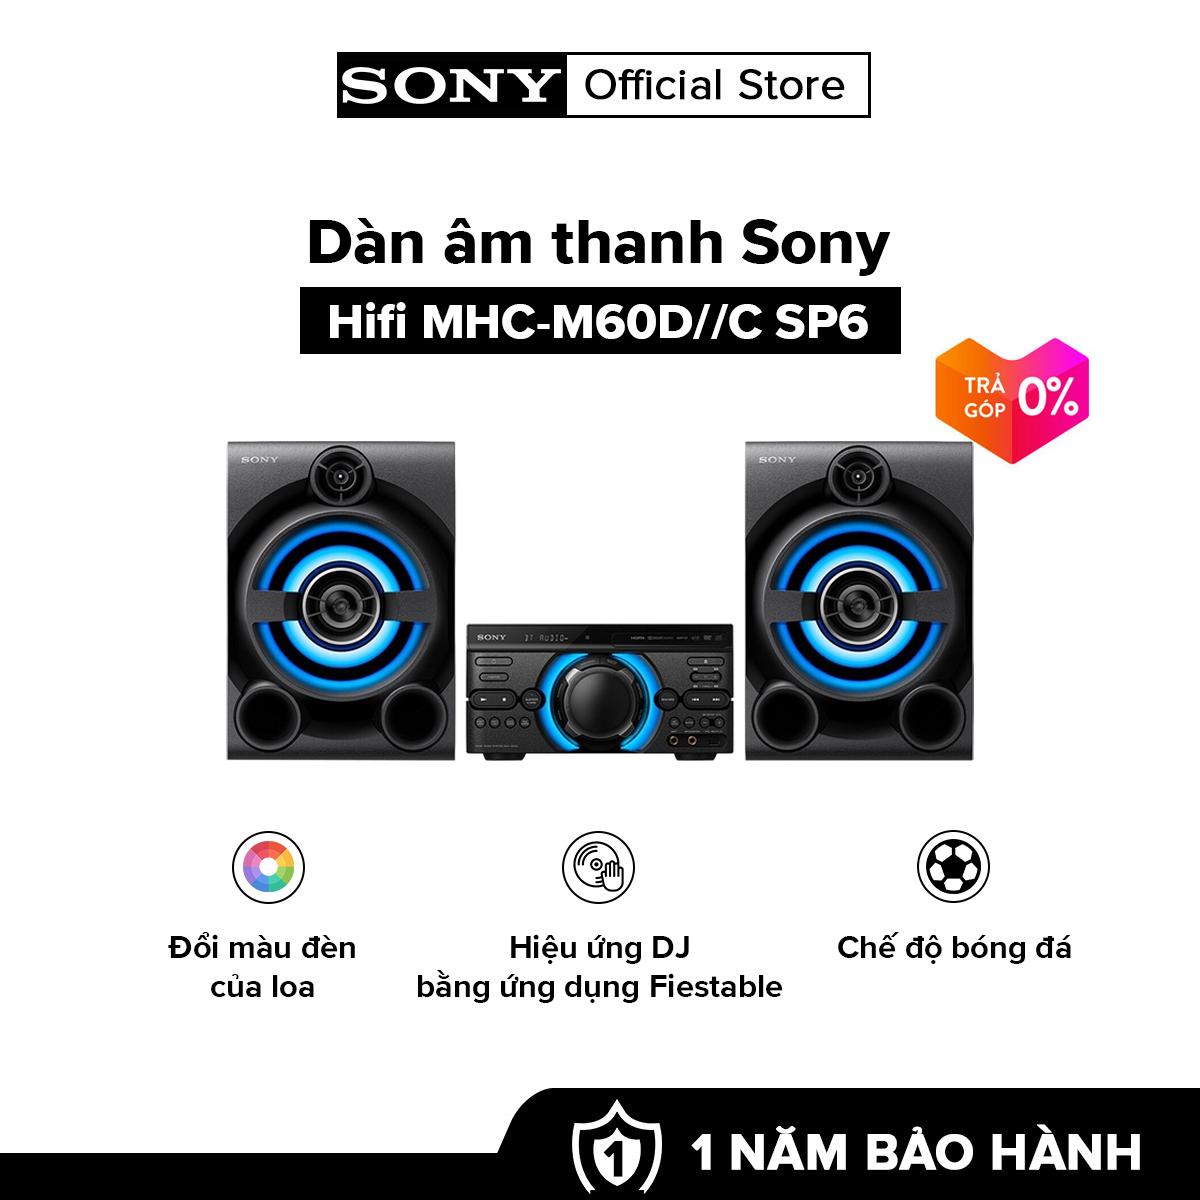 [HÀNG CHÍNH HÃNG – TRẢ GÓP 0%] Dàn âm thanh Sony Hifi MHC-M60D//C SP6 | Điều khiển hiệu ứng DJ | Chế độ bóng đá | Đầu phát DVD tích hợp có ngõ ra HDMI